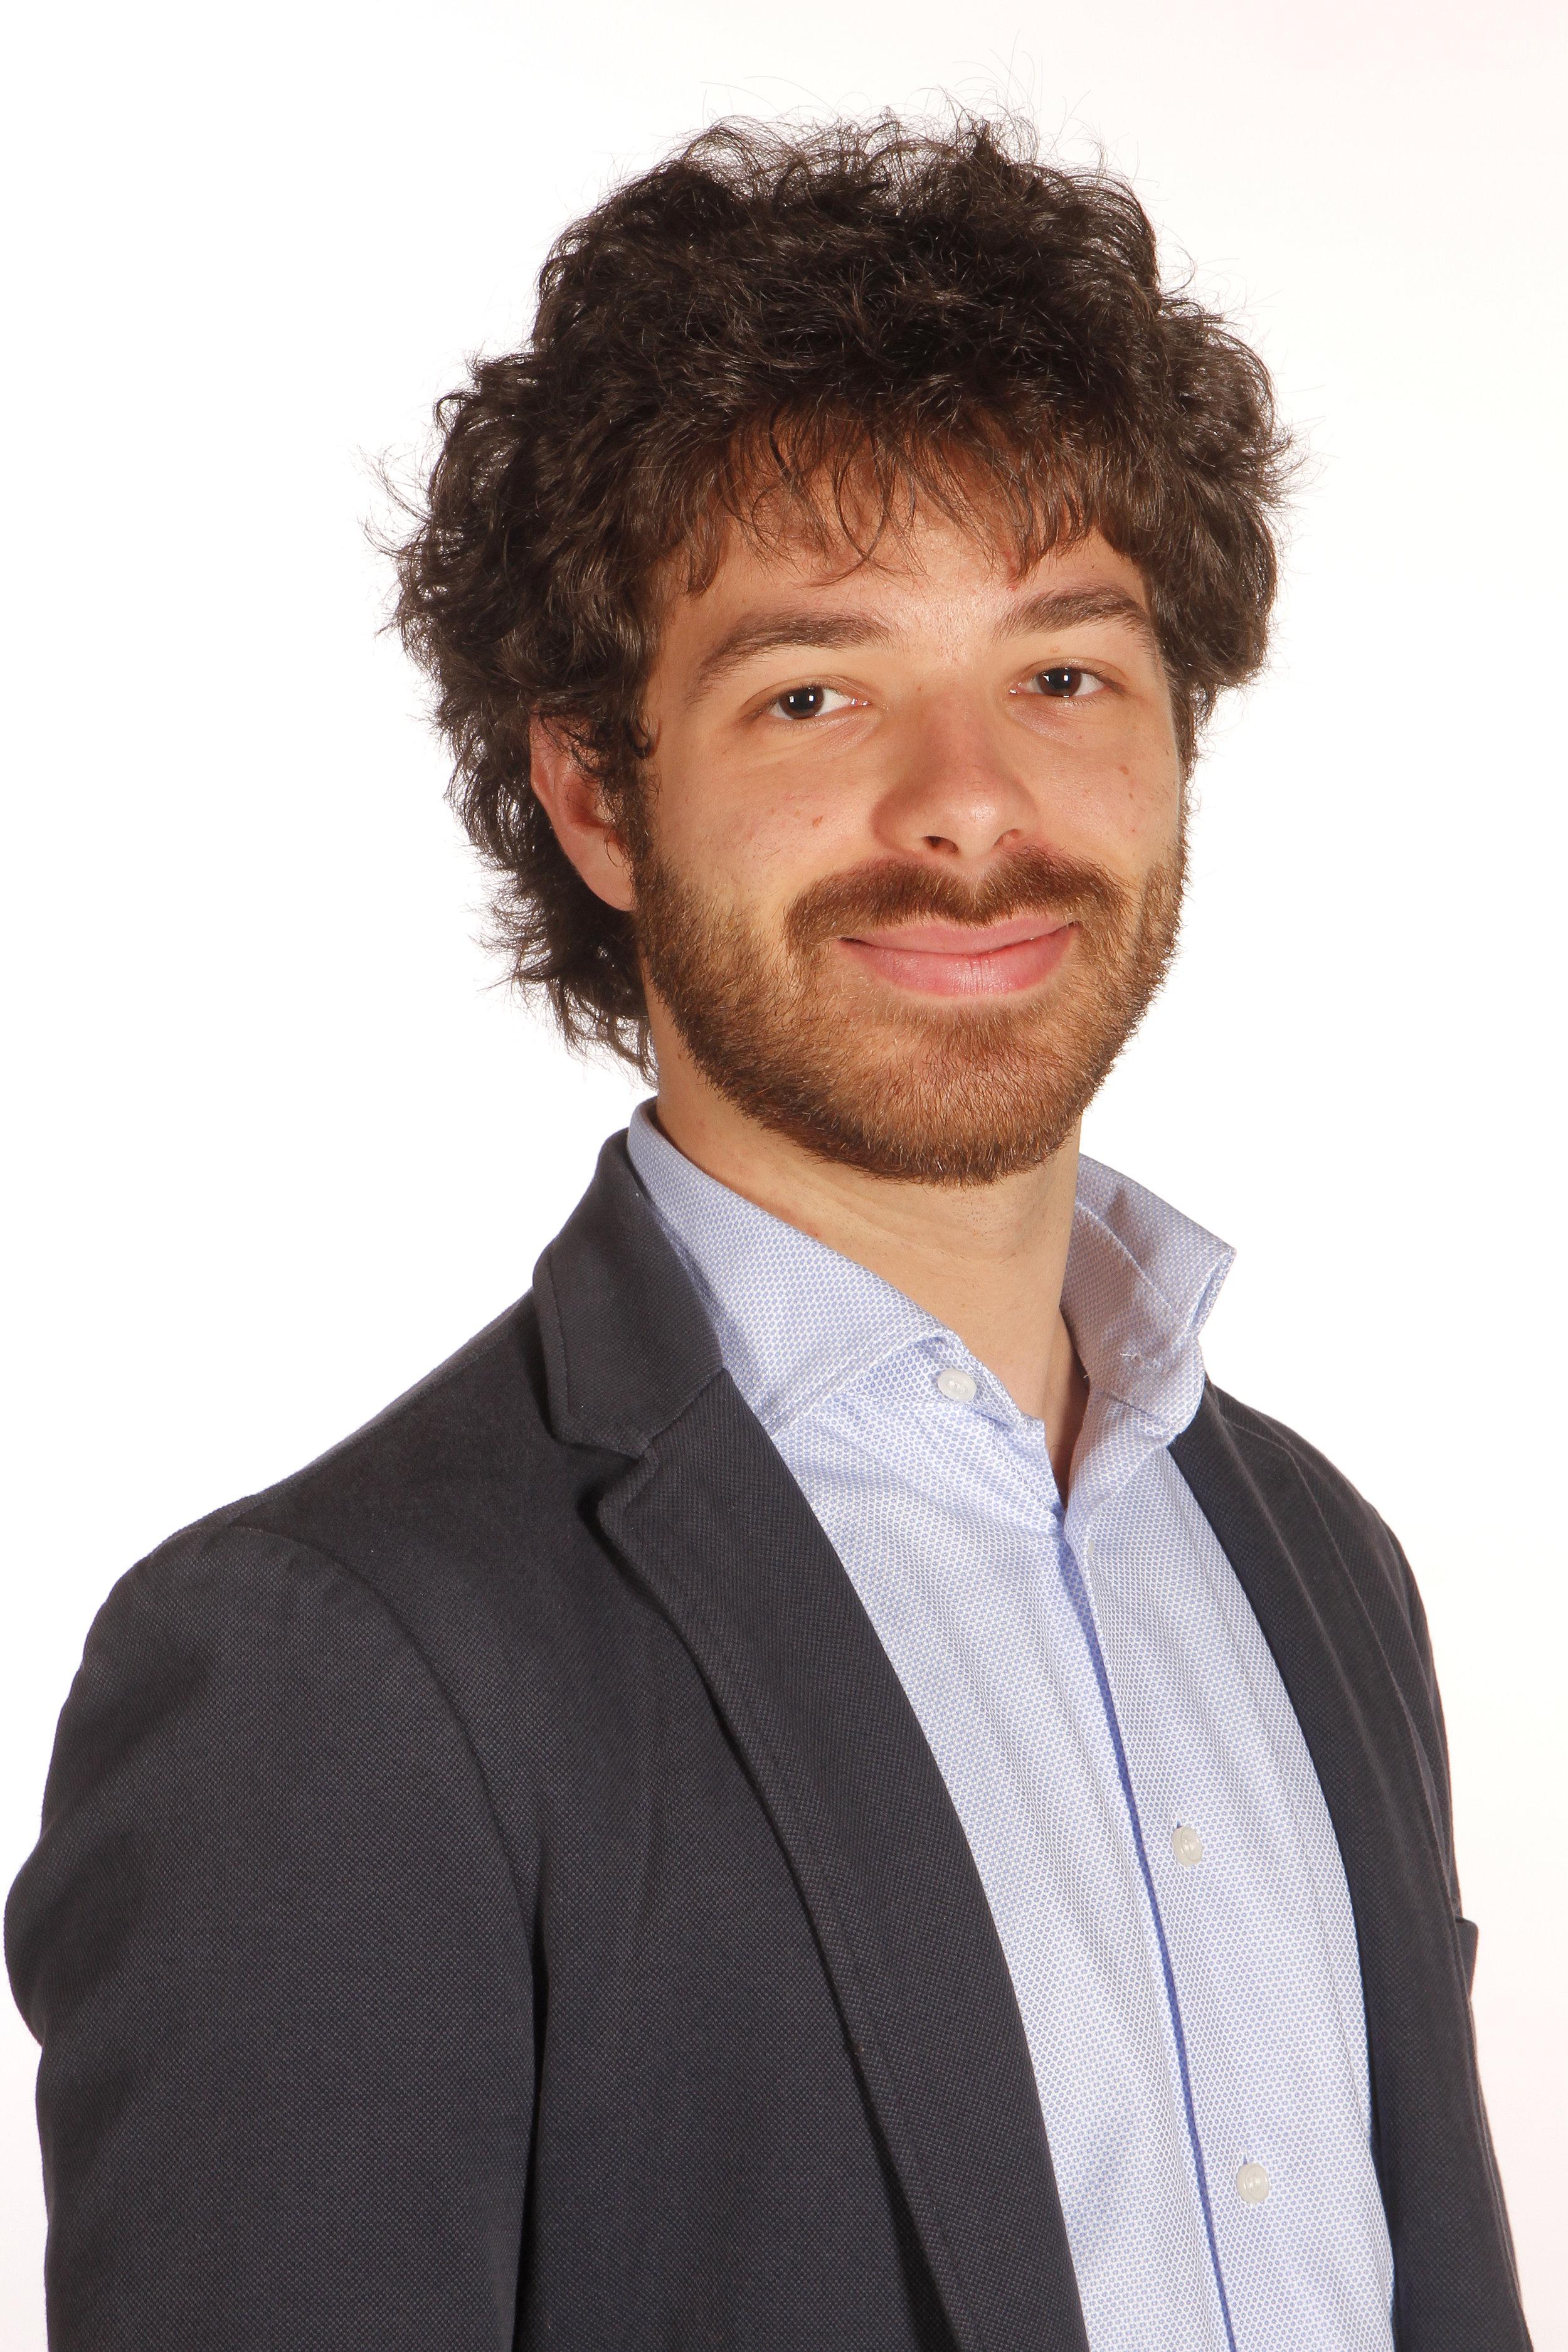 Francesco Bussola